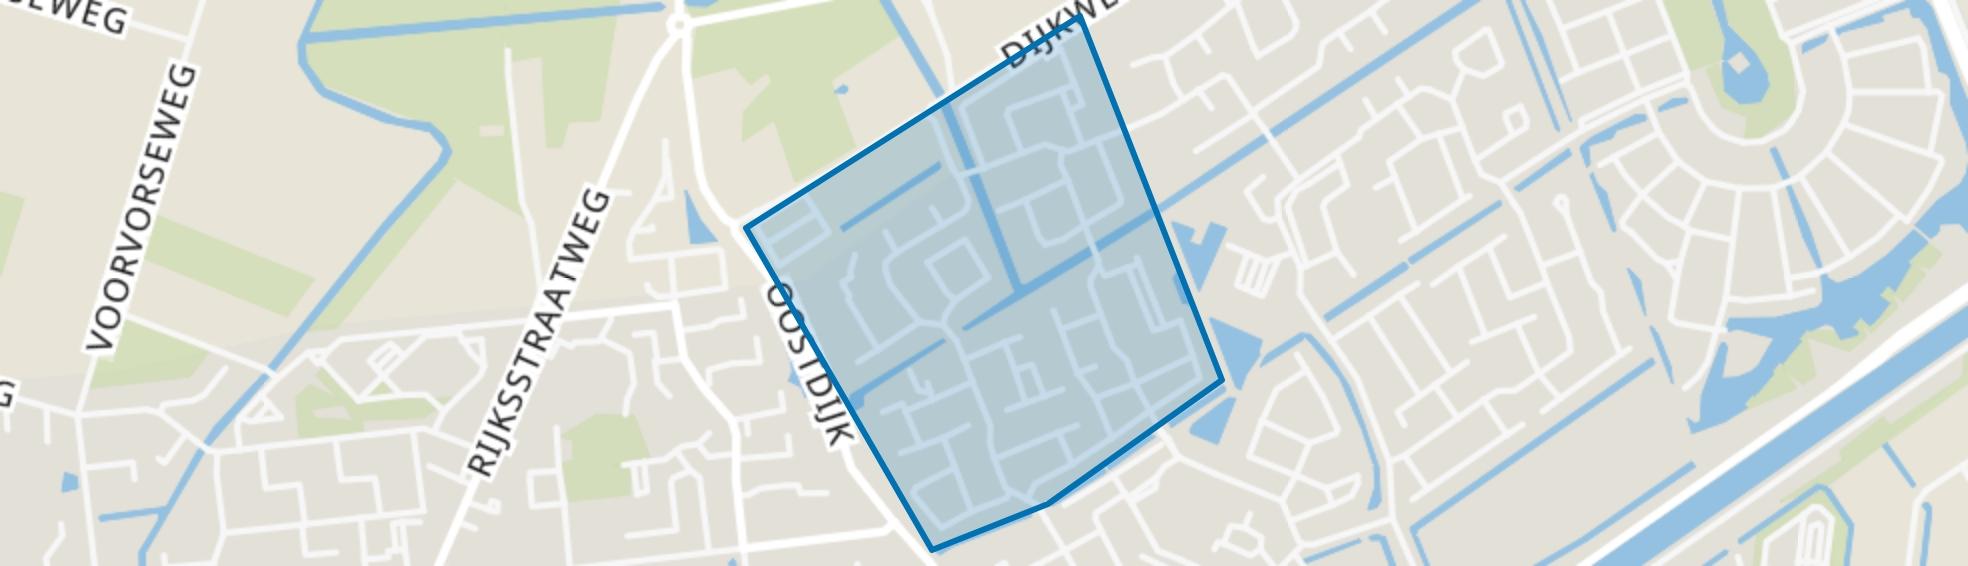 Kruis Hoeffe, Hellevoetsluis map